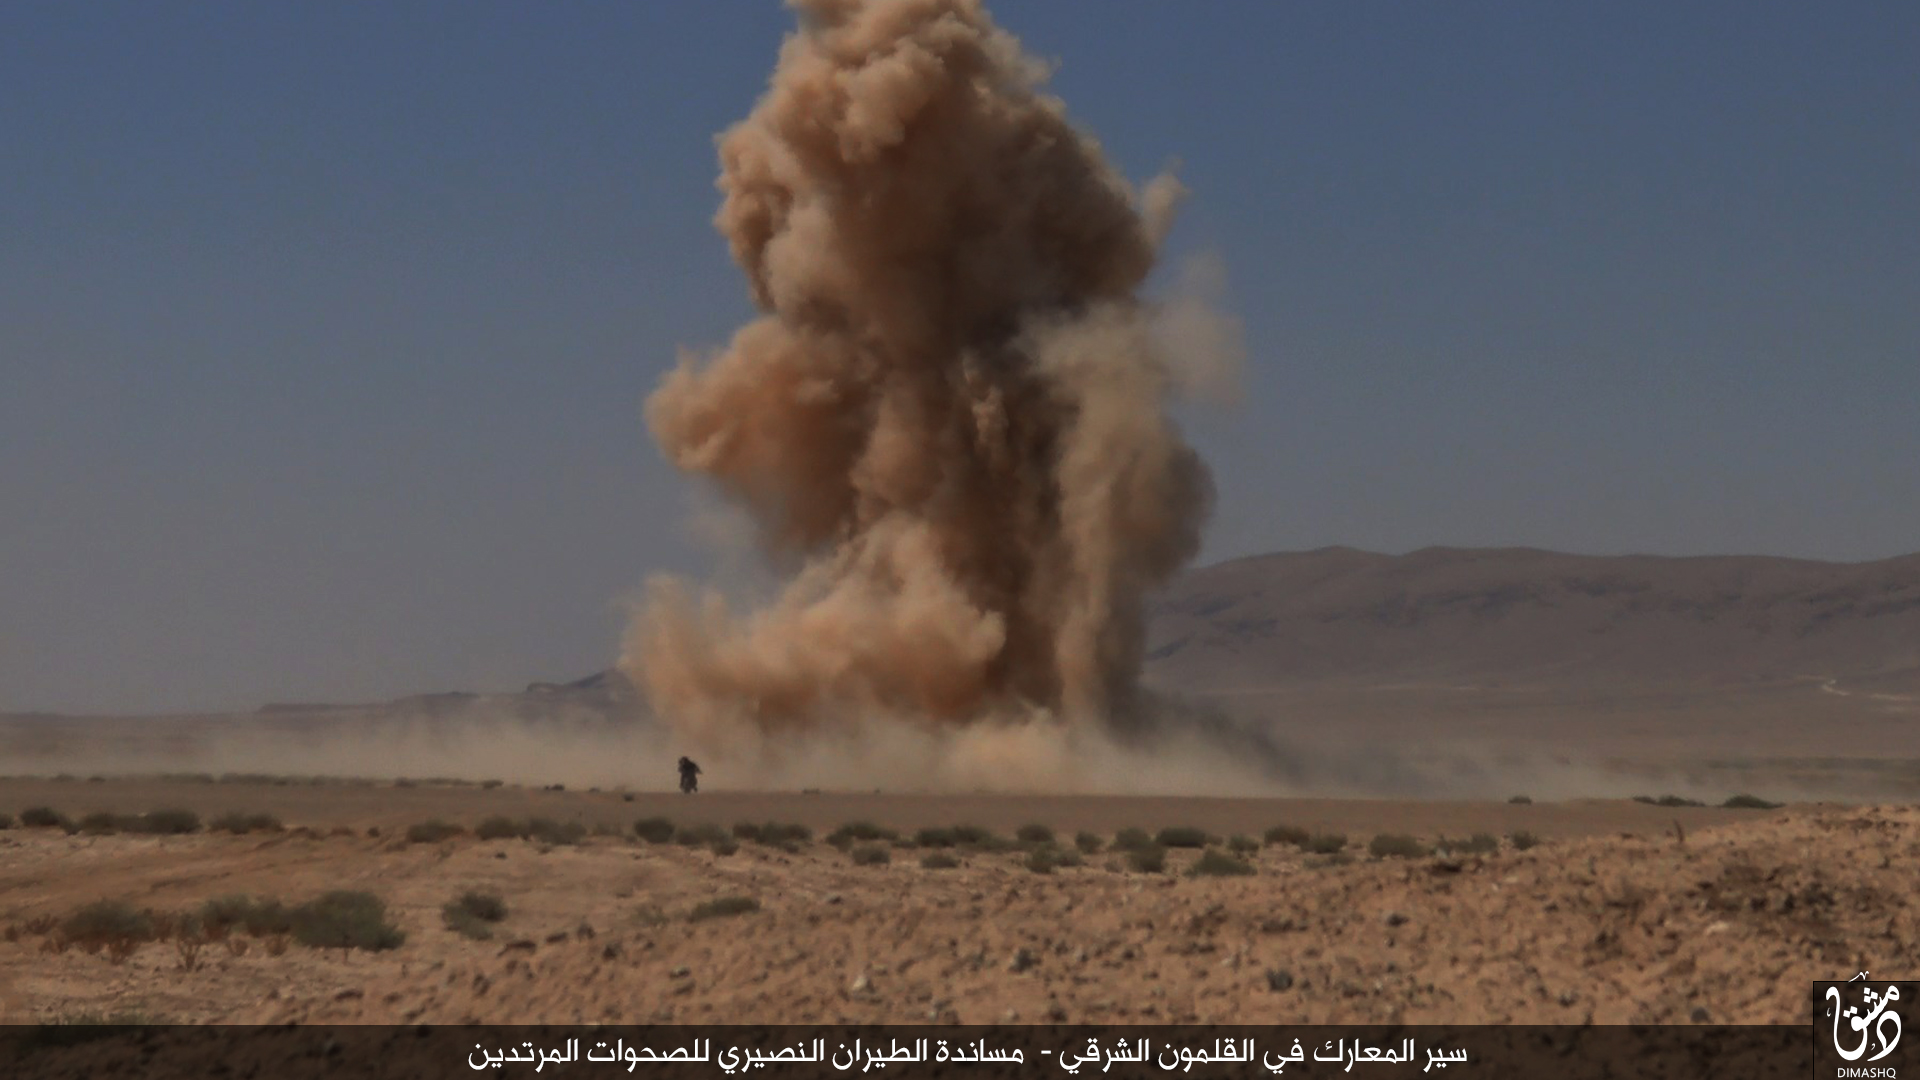 اخبار دولة الخلافة الإسلامية D7b8b2d92c80637f540a63f76a35b7f1